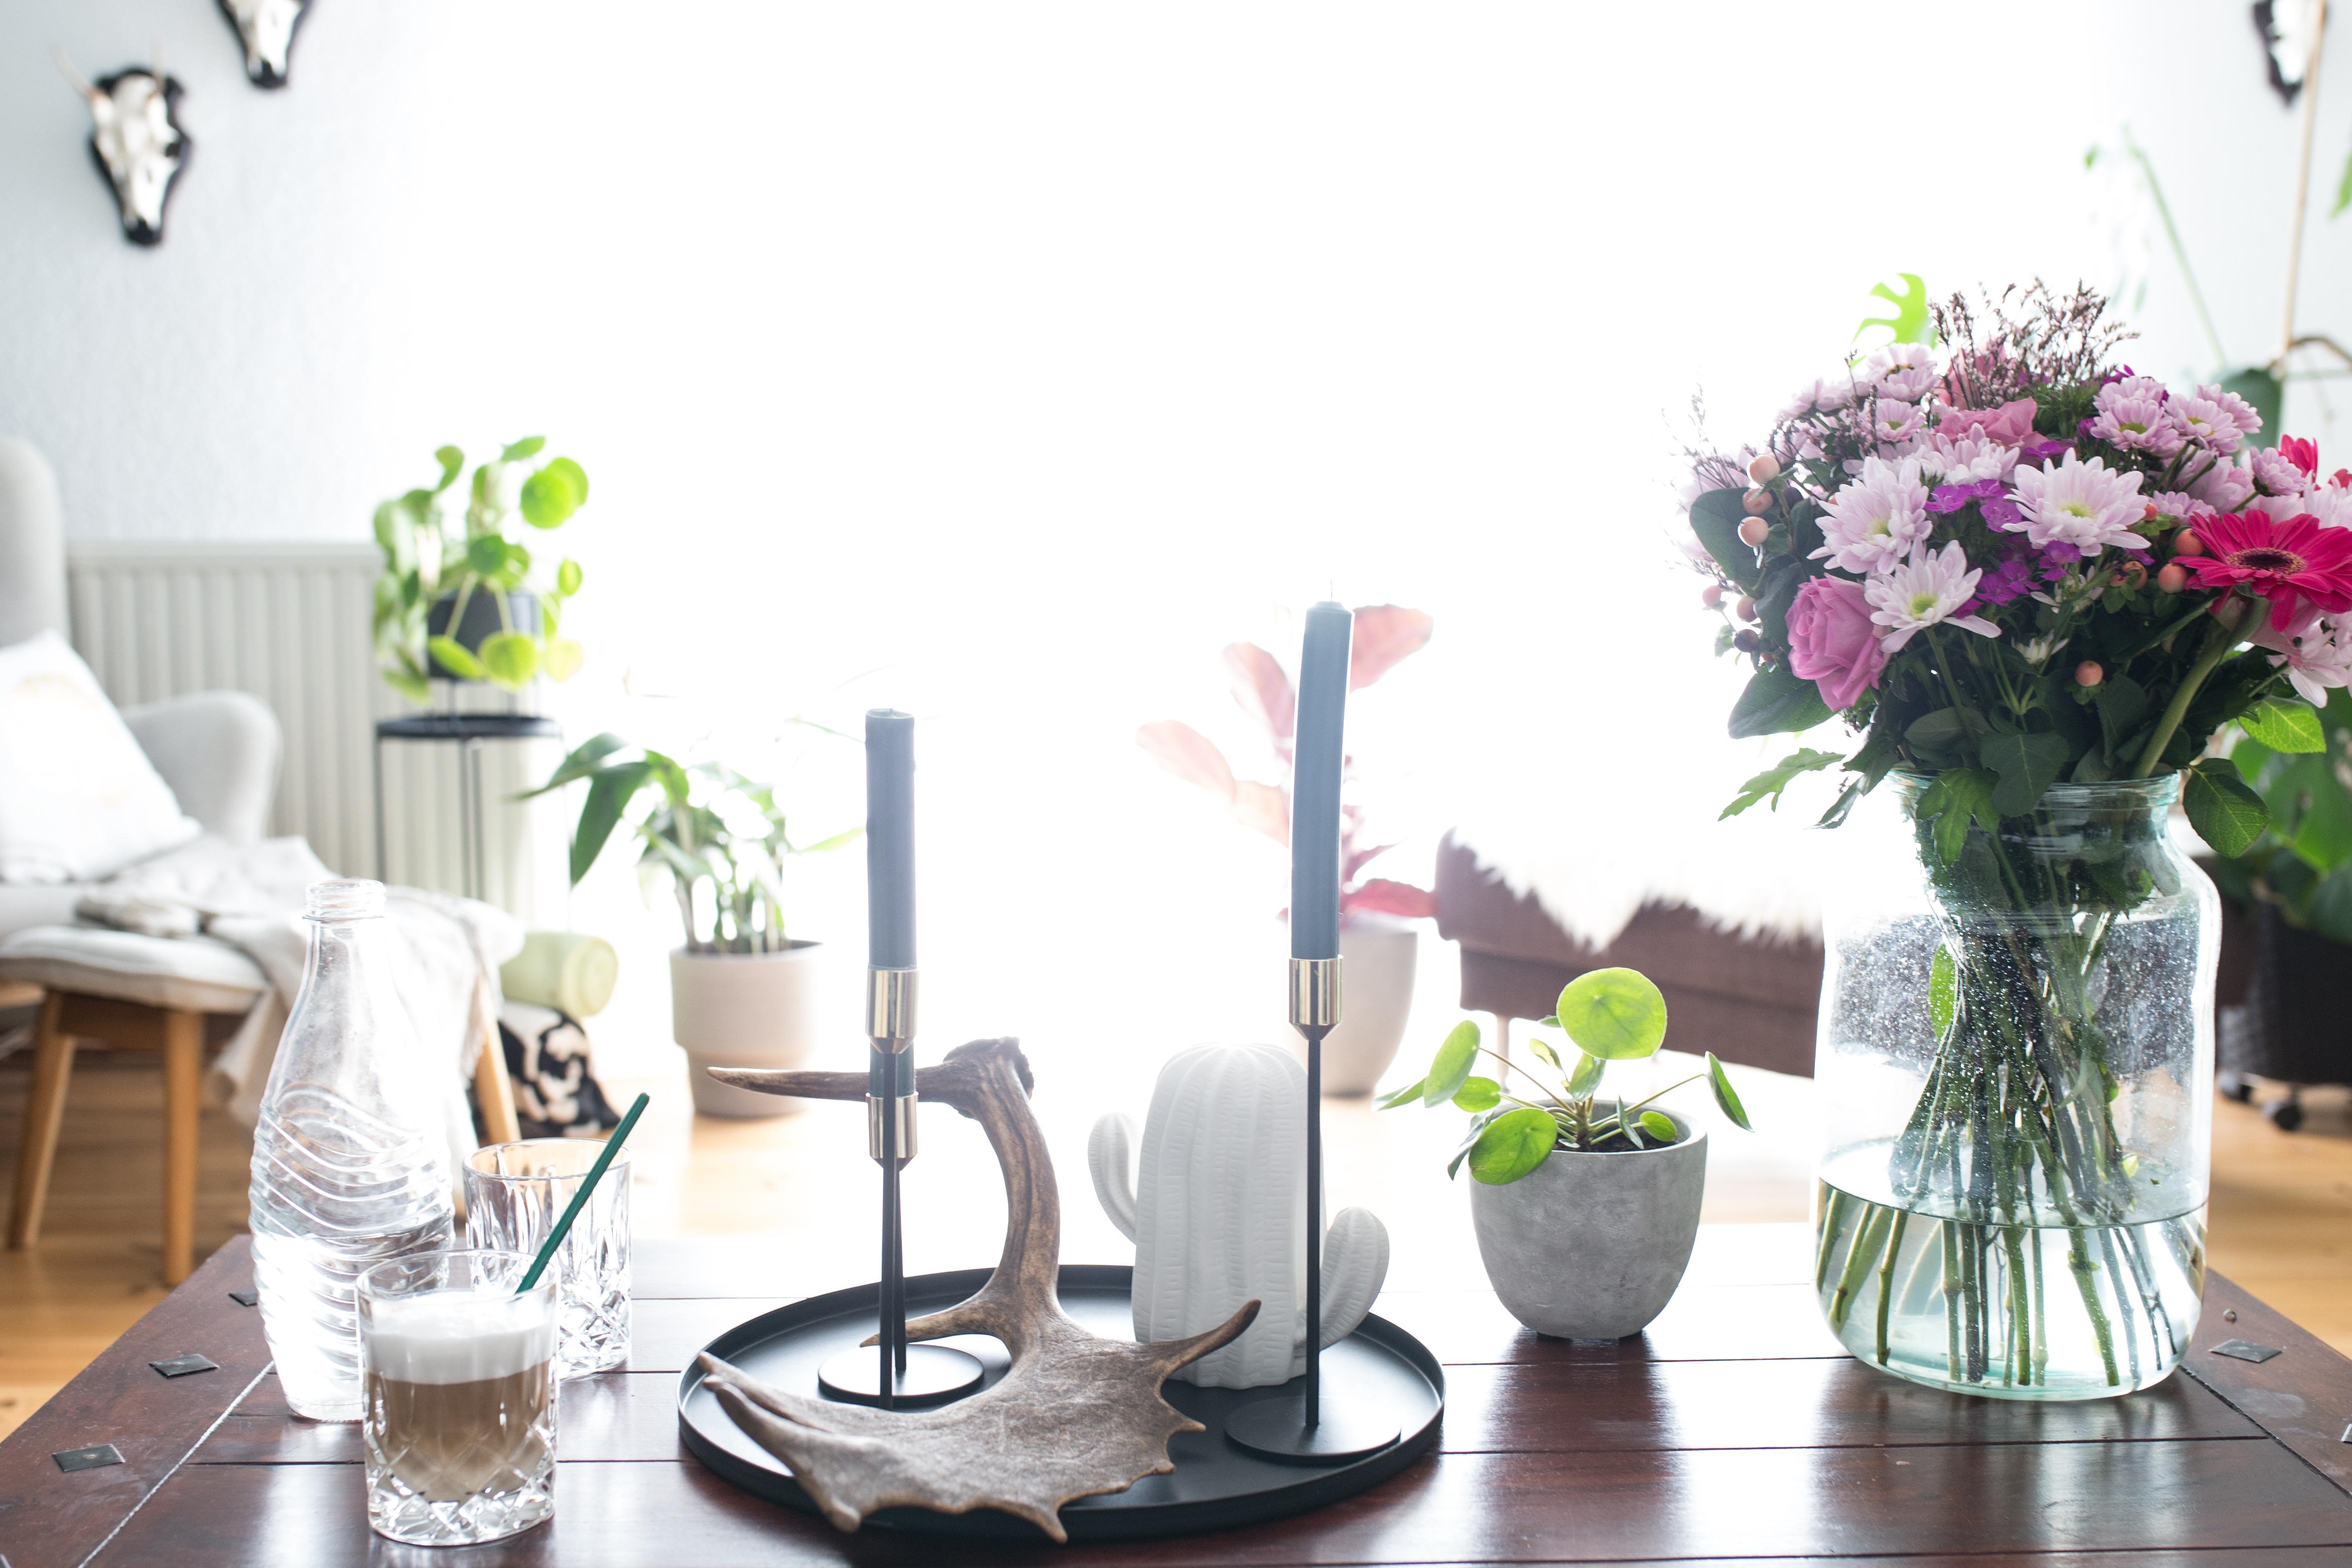 Cochtischdekoration Abwurfstange Damwild Blumen & Kaffee